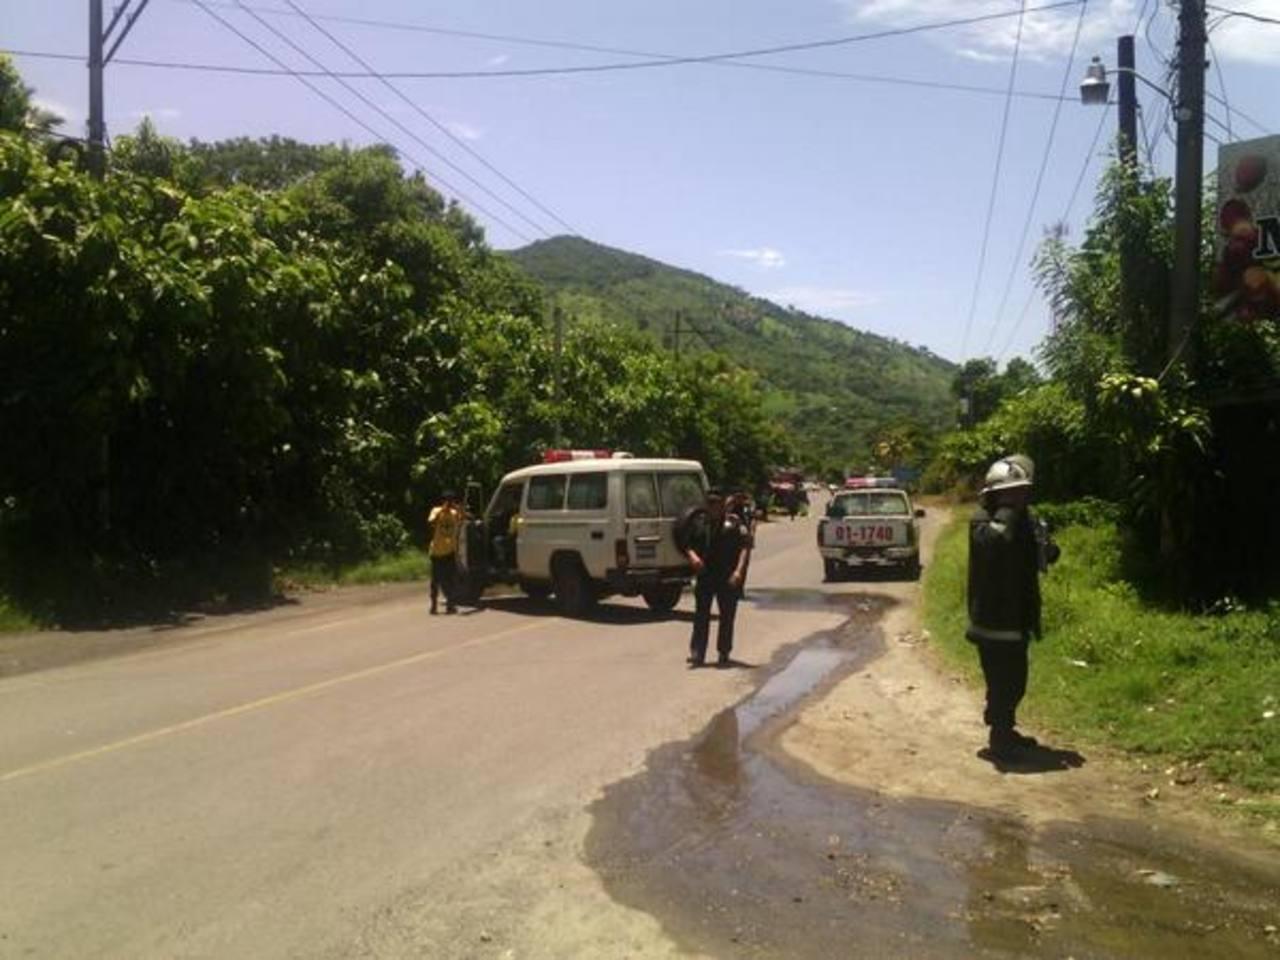 Cierre de la calle antigua a Nejapa por explosión de tóxicos . Siete personas fueron evacuadas.